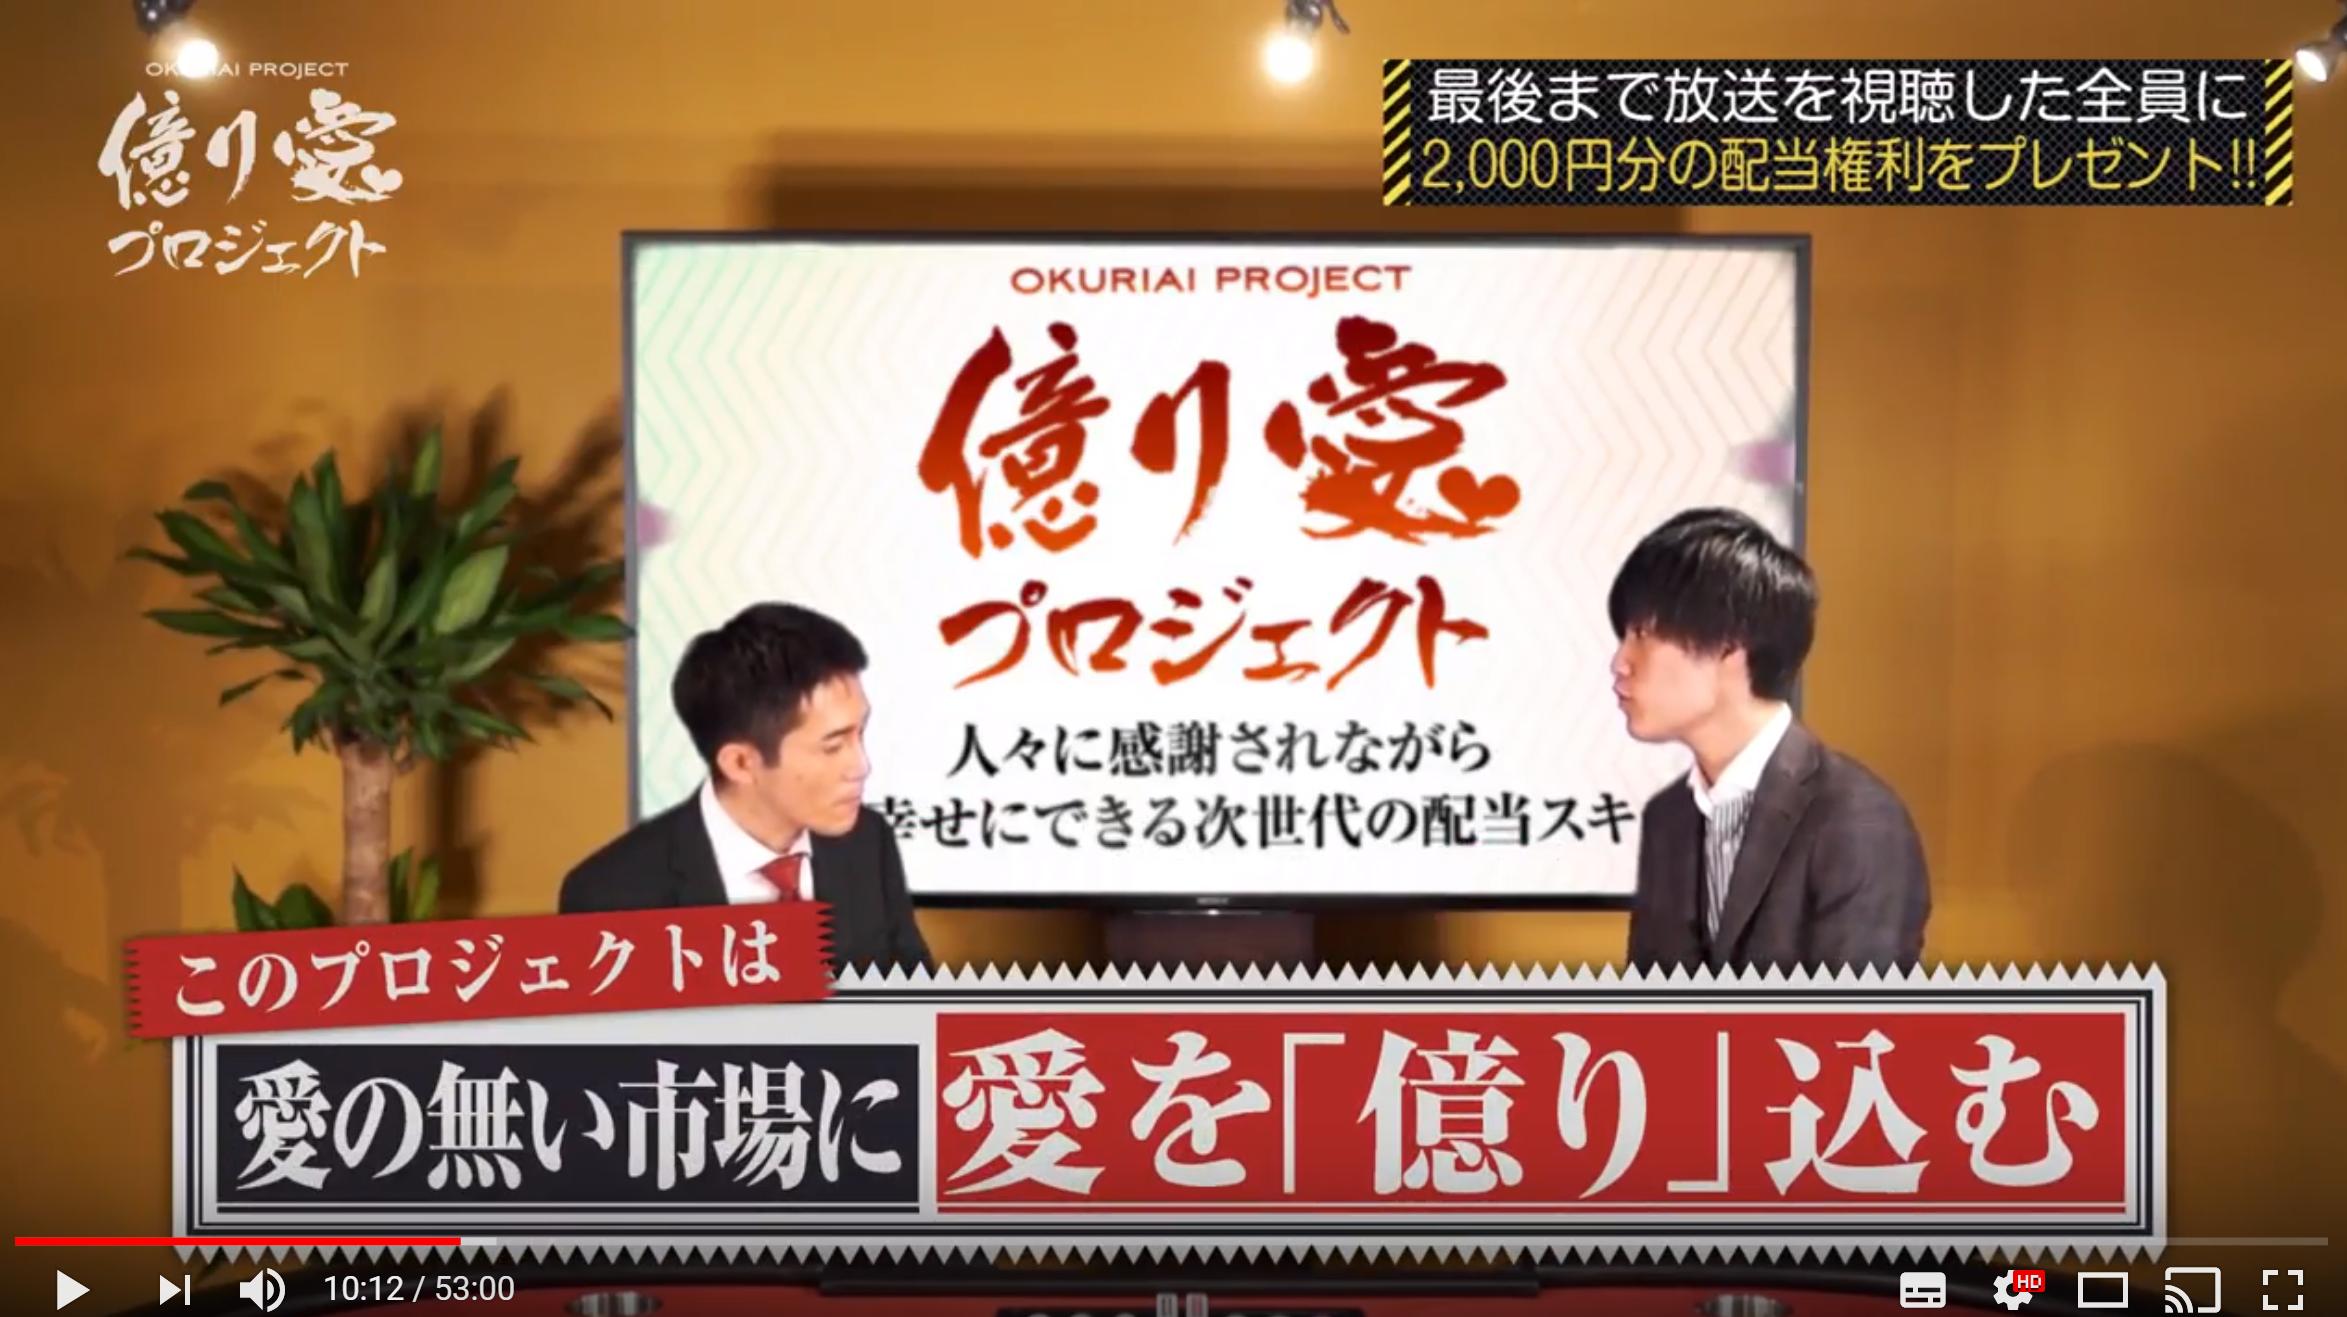 吉田慎也 億り愛プロジェクト(配当型ICO)4